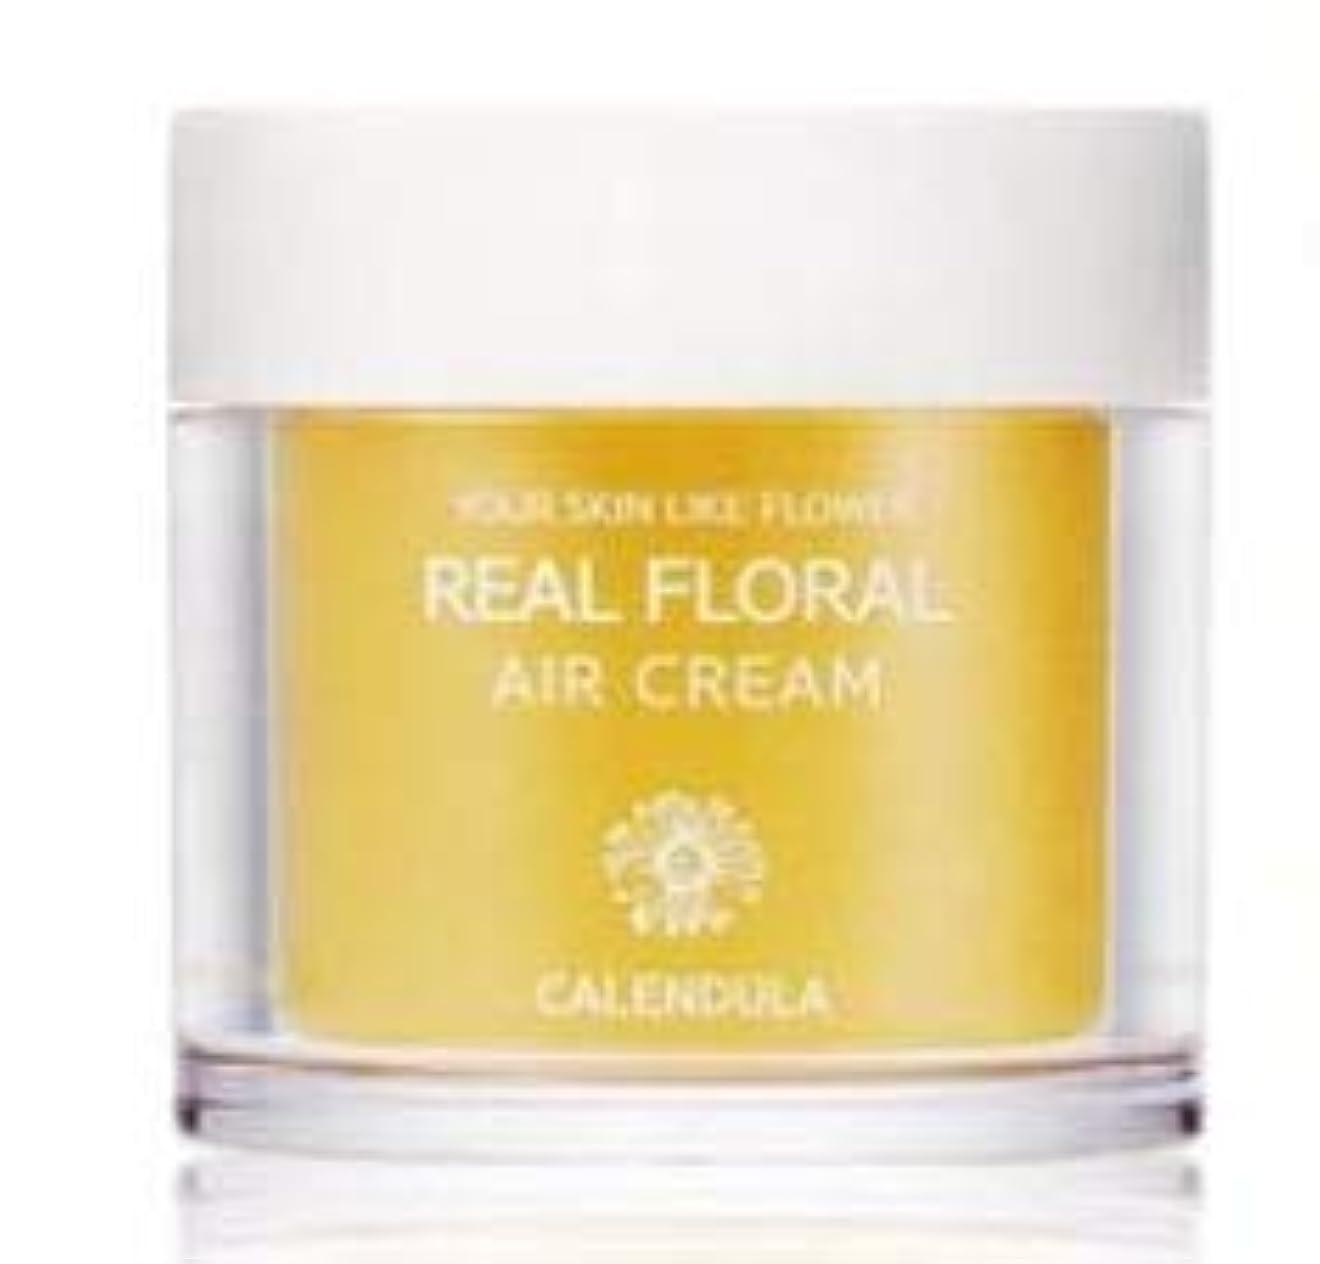 顕微鏡キャスト逆NATURAL PACIFIC Real Floral Air Cream 100ml (Calendula) /ナチュラルパシフィック リアル カレンデュラ エア クリーム 100ml [並行輸入品]